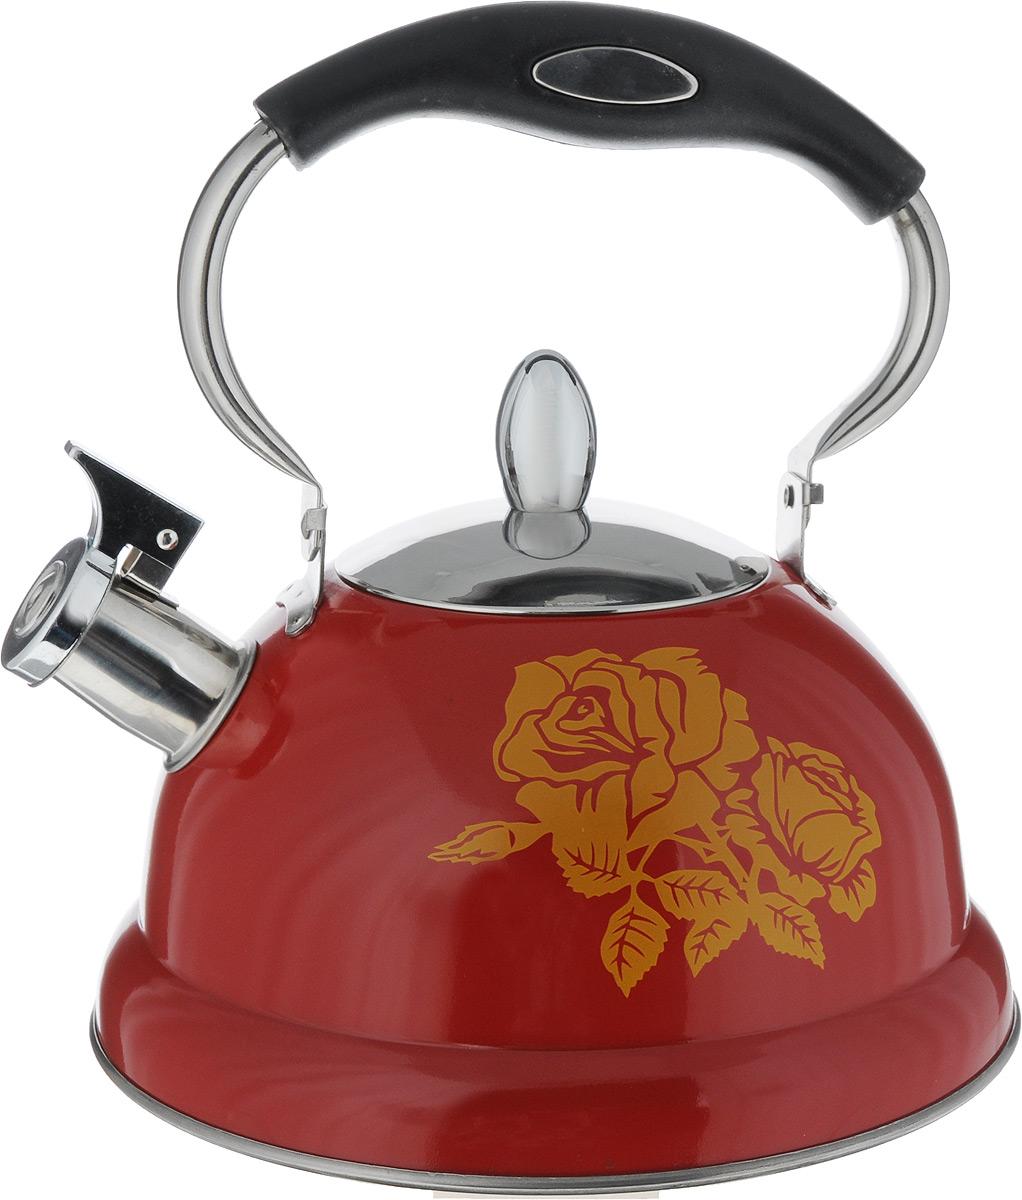 Чайник Mayer & Boch, со свистком, цвет: красный 2,6 л22417_красныйЧайник Mayer & Boch выполнен из высококачественной нержавеющей стали, что делает его весьма гигиеничным и устойчивым к износу при длительном использовании. Капсулированное дно с прослойкой из алюминия обеспечивает наилучшее распределение тепла. Носик чайника оснащен насадкой-свистком, что позволит вам контролировать процесс подогрева или кипячения воды. Подвижная ручка, оснащенная бакелитовой вставкой, обеспечивает дополнительное удобство при разлитии напитка. Поверхность чайника гладкая, что облегчает уход за ним. Эстетичный и функциональный чайник будет оригинально смотреться в любом интерьере.Подходит для всех типов плит, включая индукционные. Можно мыть в посудомоечной машине.Высота чайника (без учета ручки и крышки): 11,5 см.Высота чайника (с учетом ручки и крышки): 24,5 см.Диаметр чайника (по верхнему краю): 10 см.Диаметр индукционного диска: 17,5 см.Диаметр основания: 22 см.